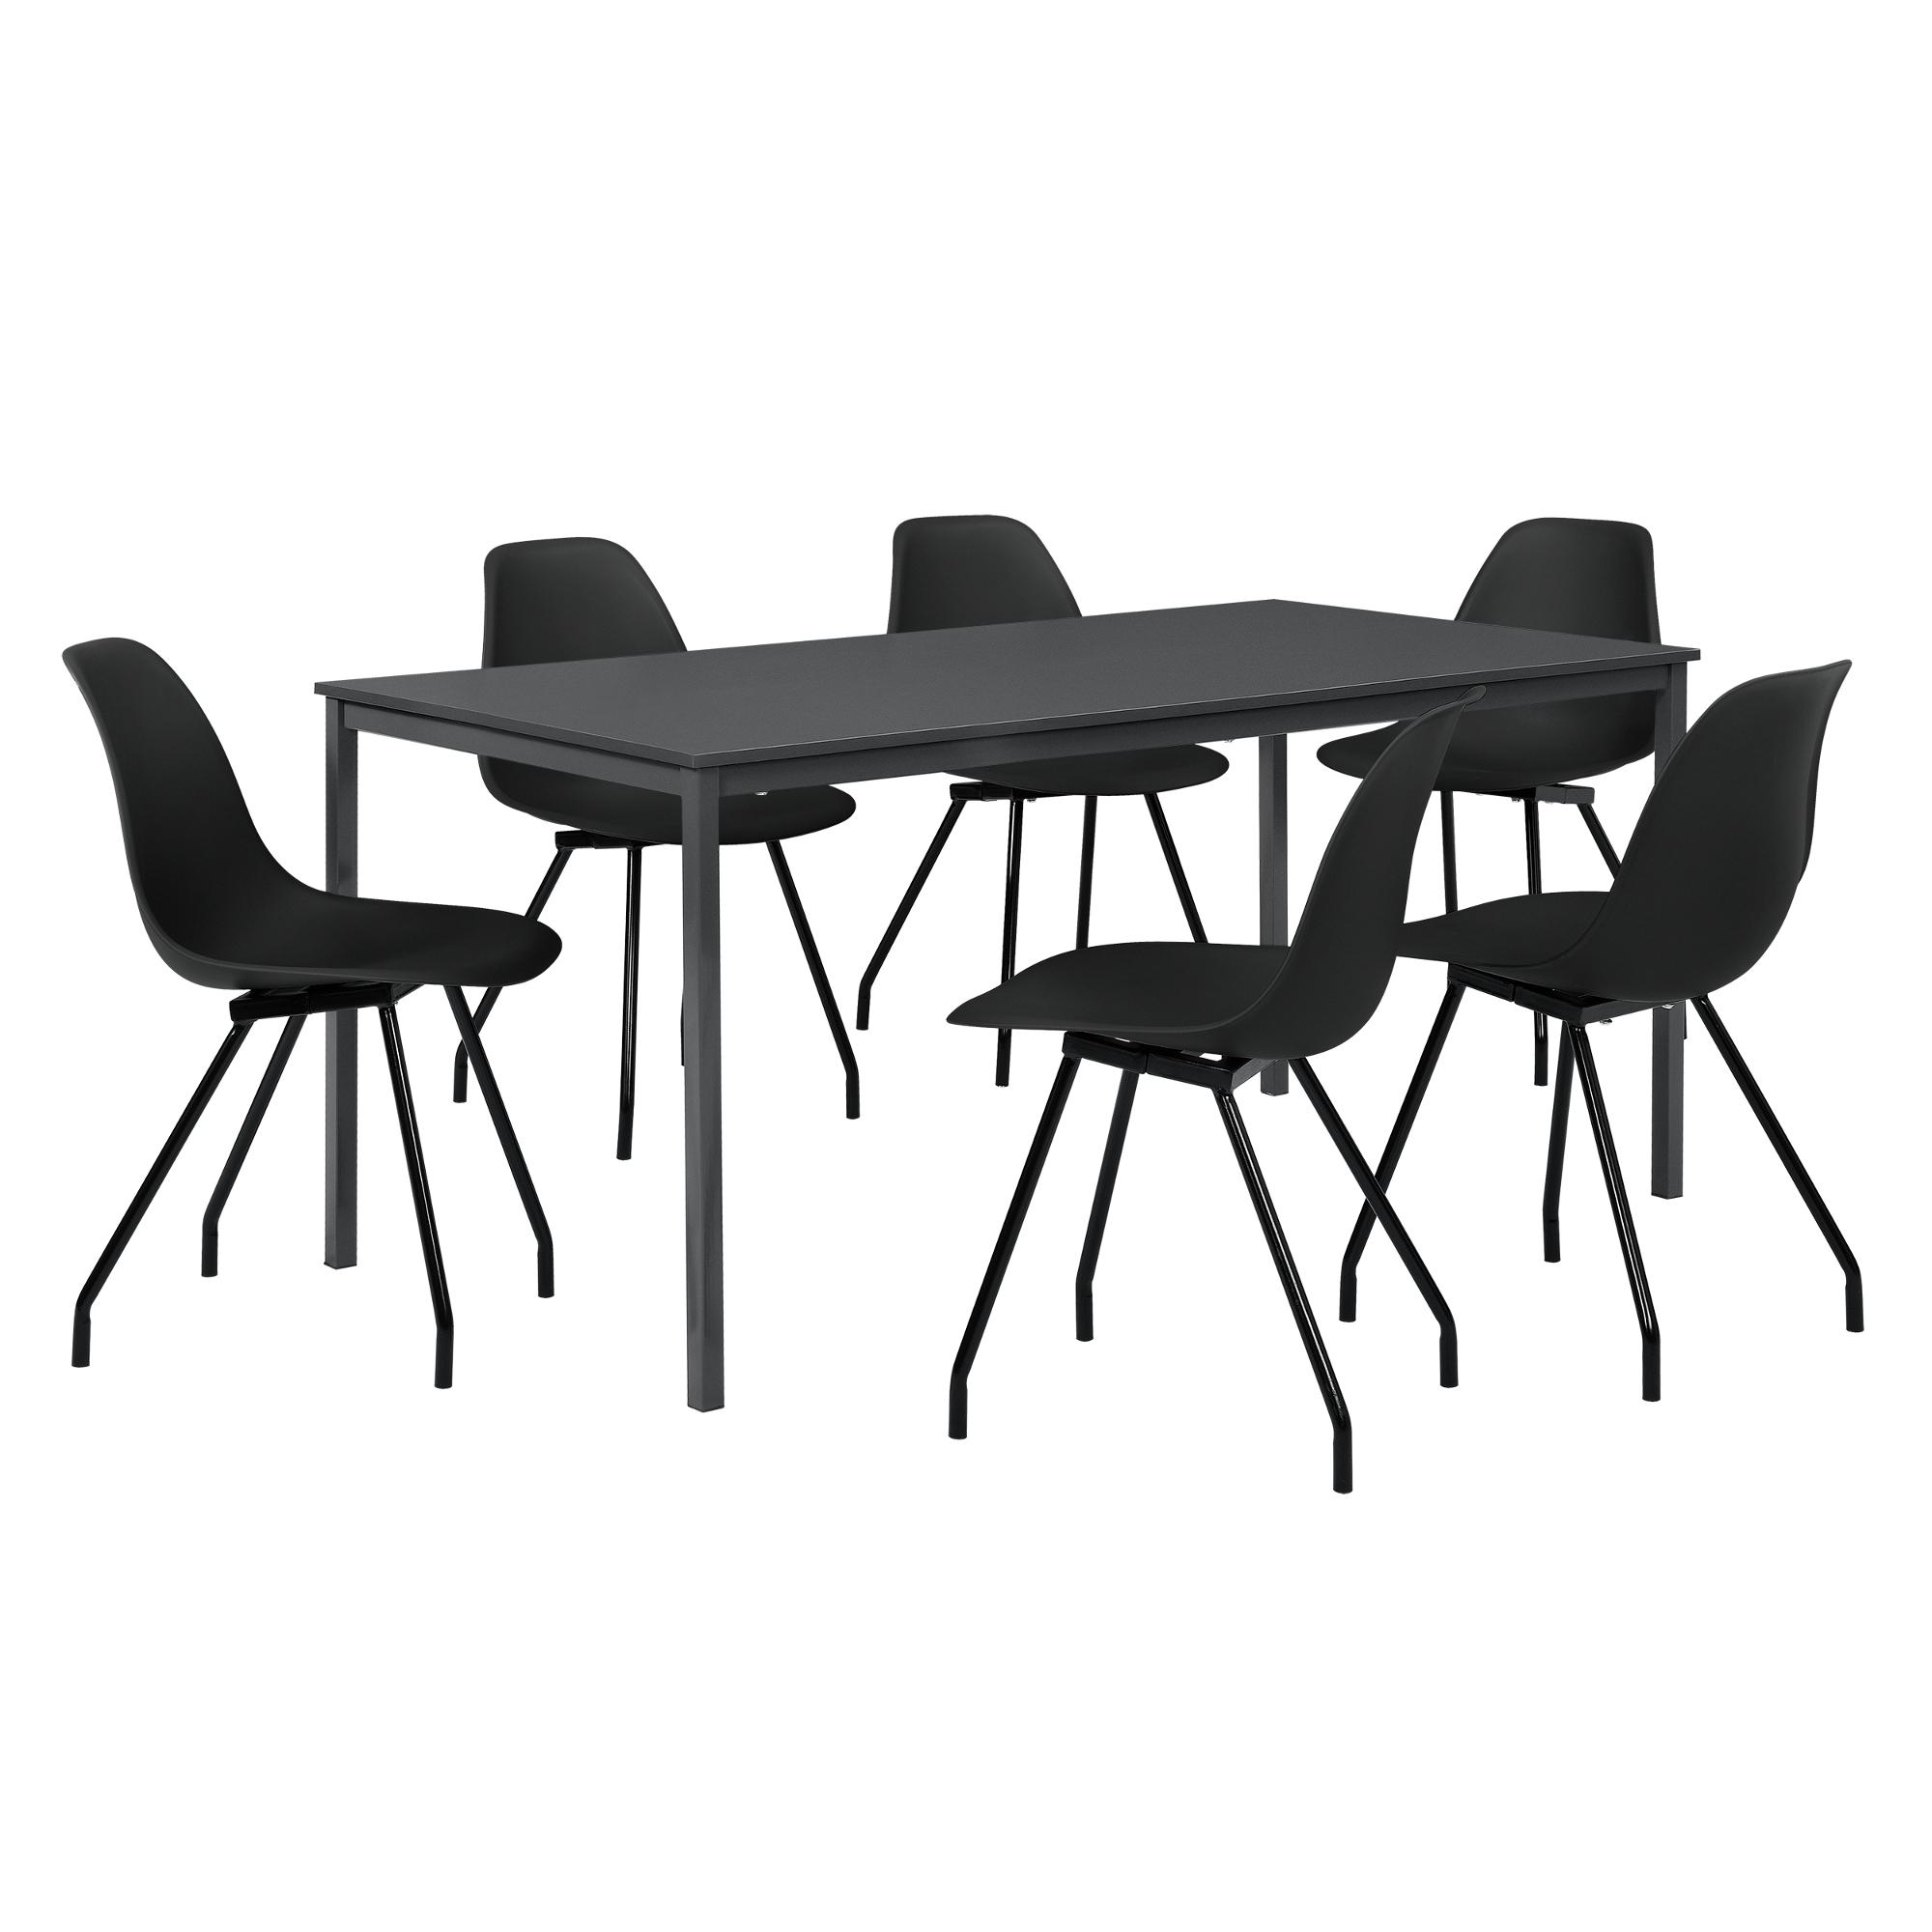 [ensa] Esstisch 6 Stühle Grau Schwarz 180x80cm